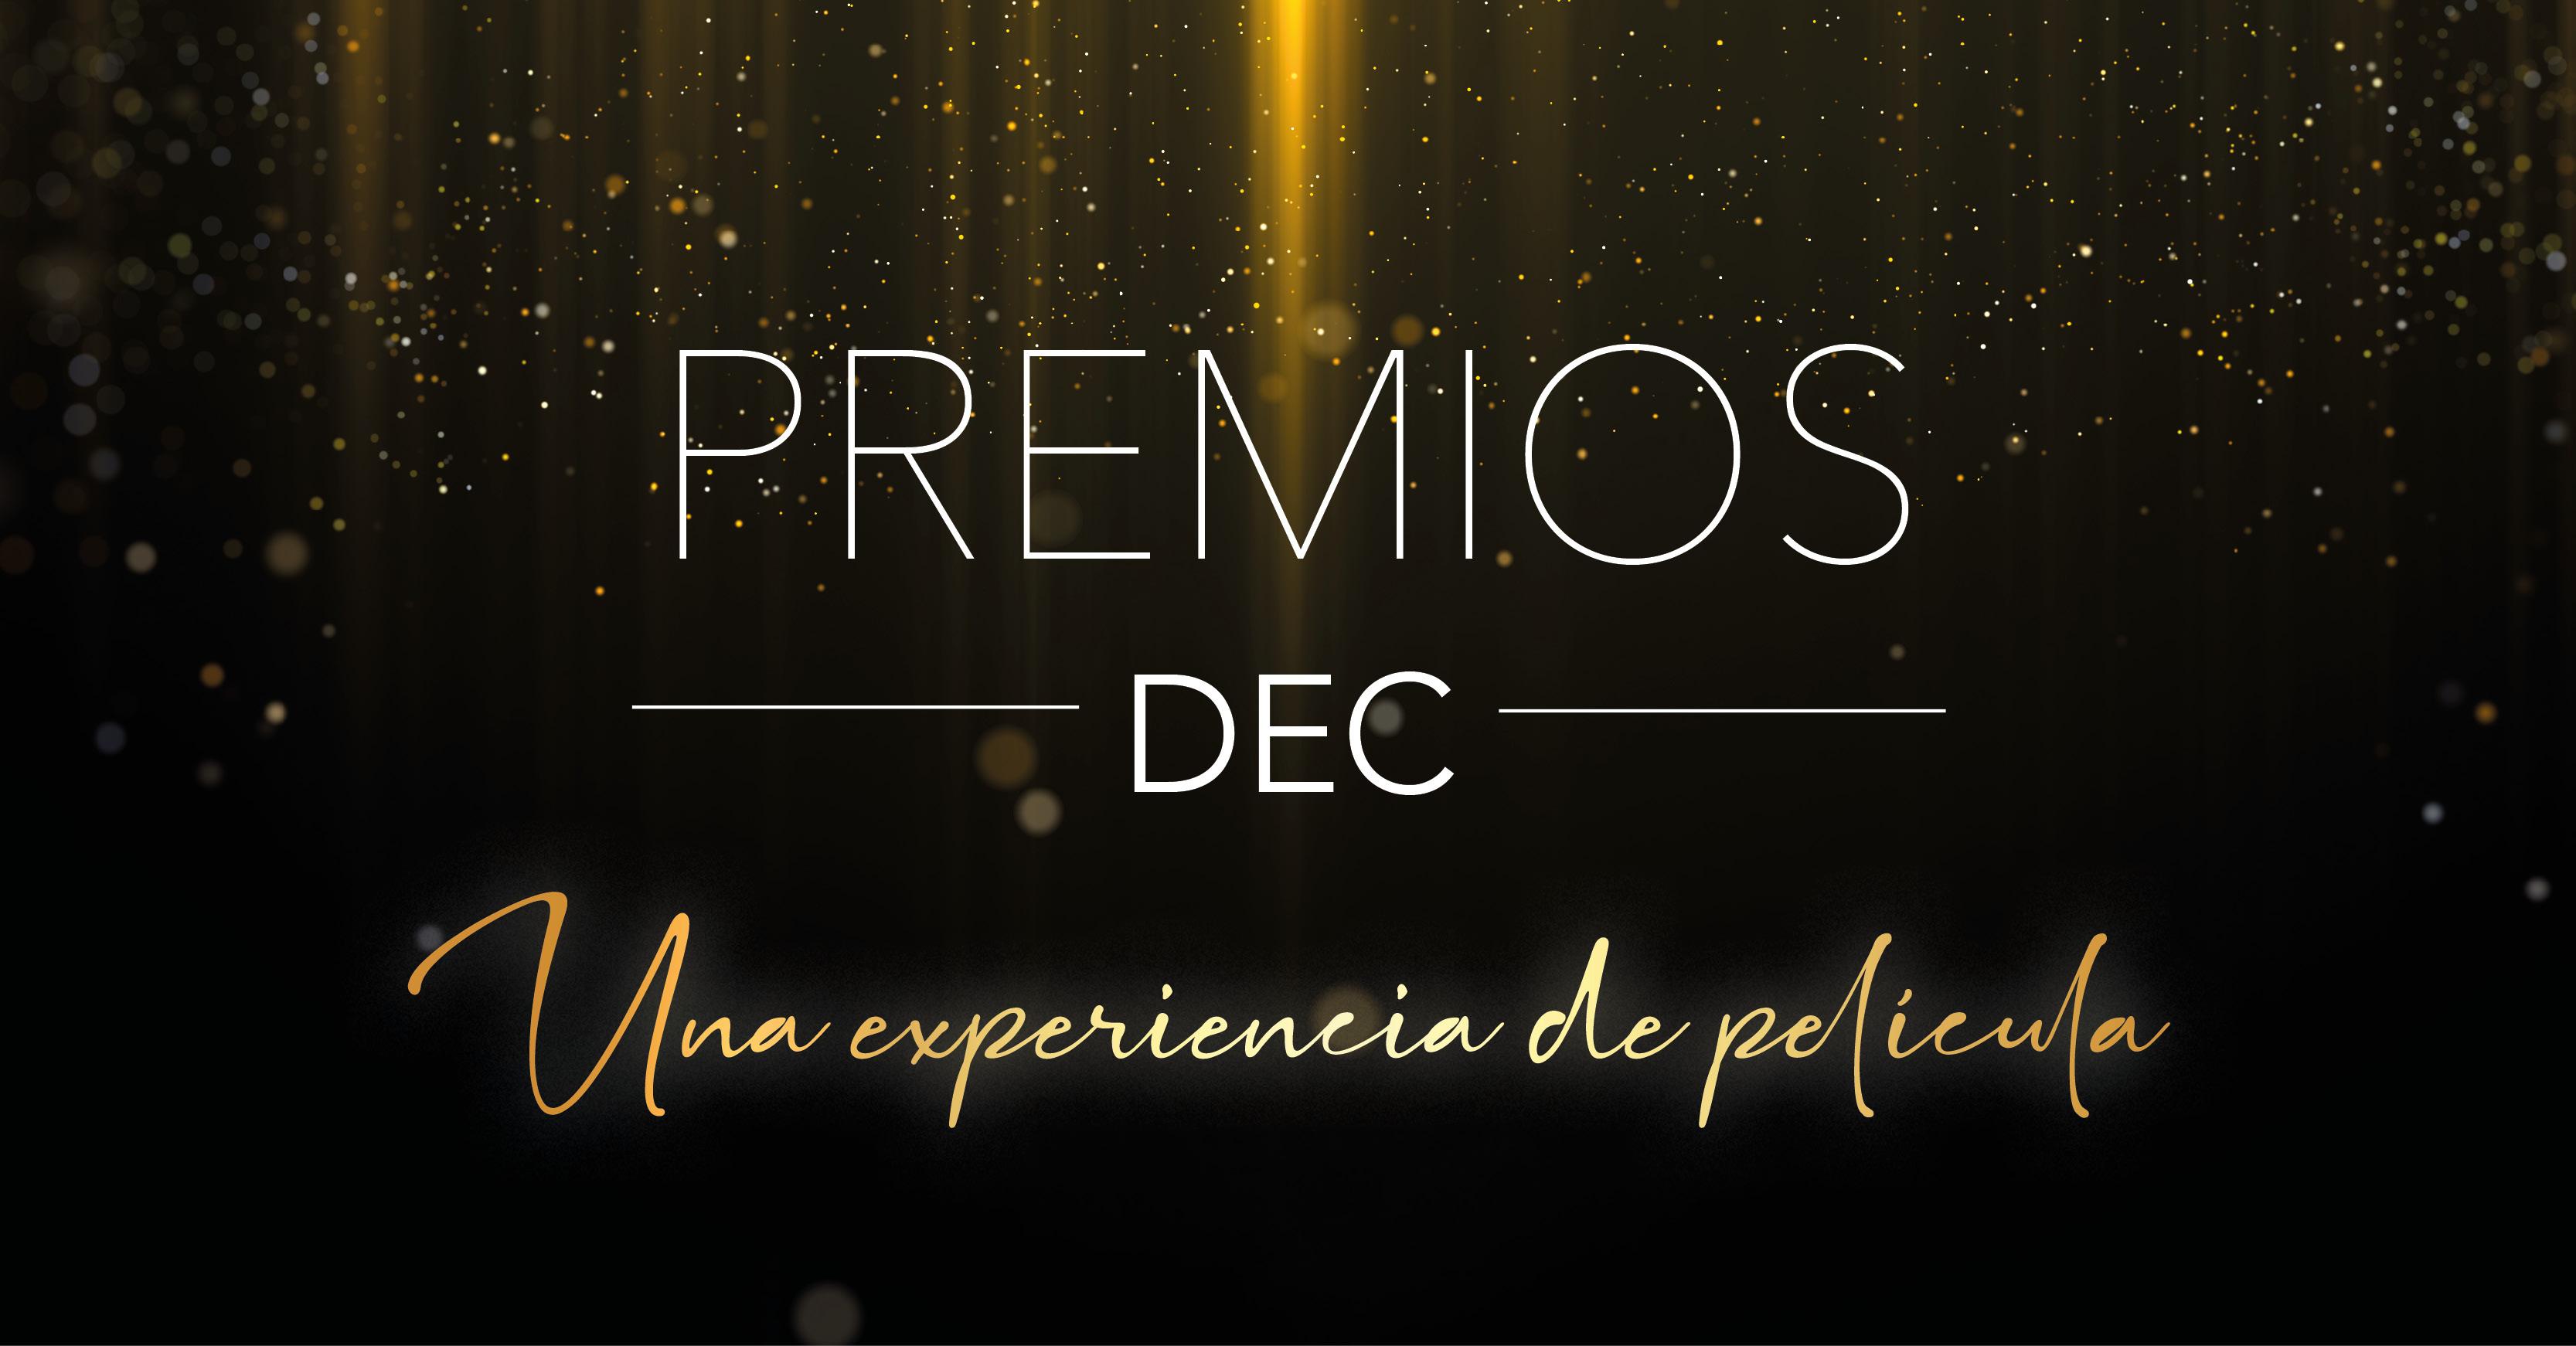 Premios DEC - Una Experiencia de Película